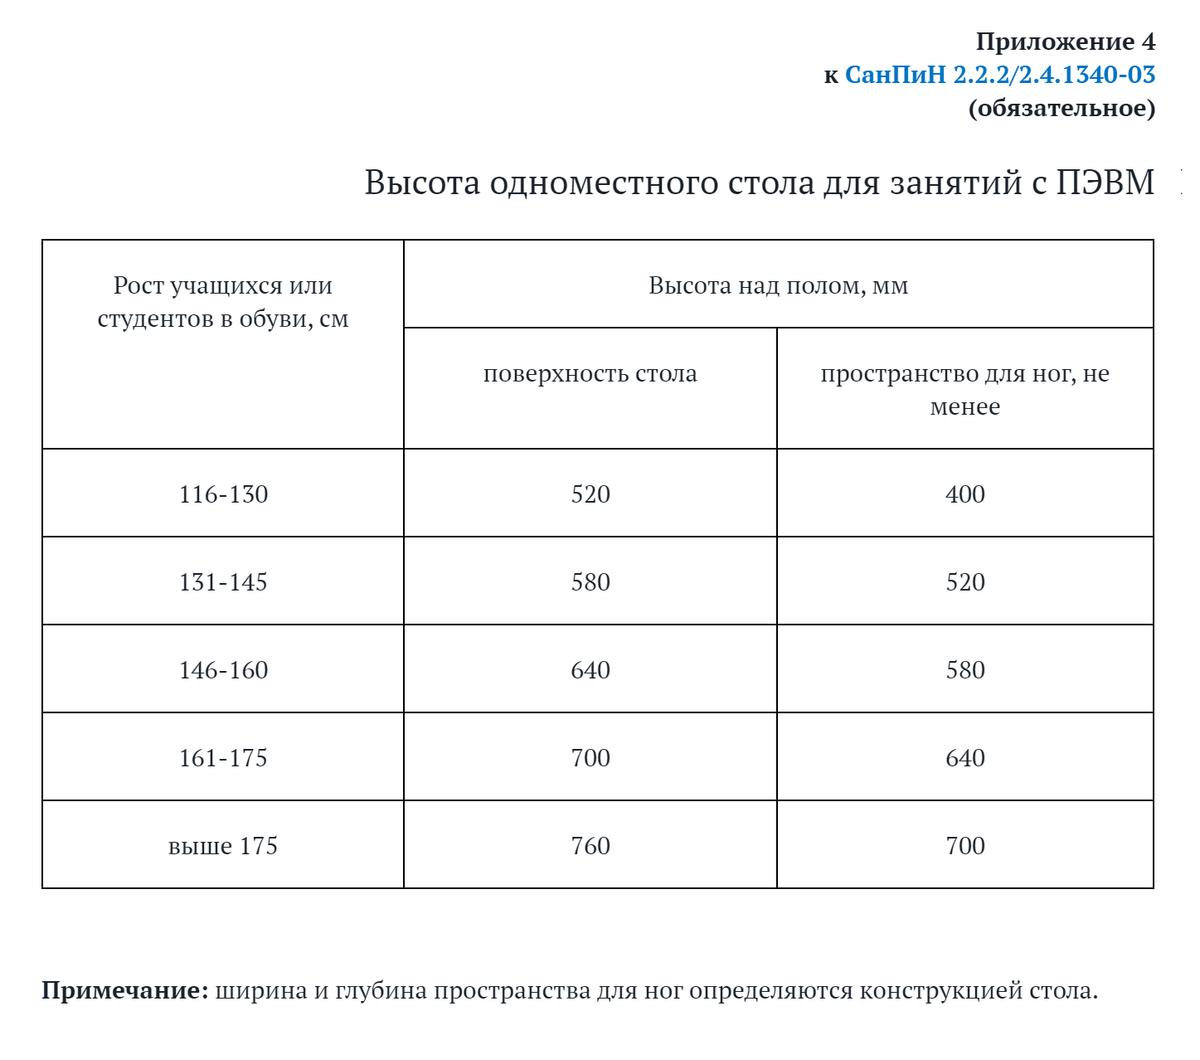 По нормам санпина высота стола длявзрослых должна регулироваться в пределах 68—80см. Если такой возможности нет, высота должна составлять 72,5см